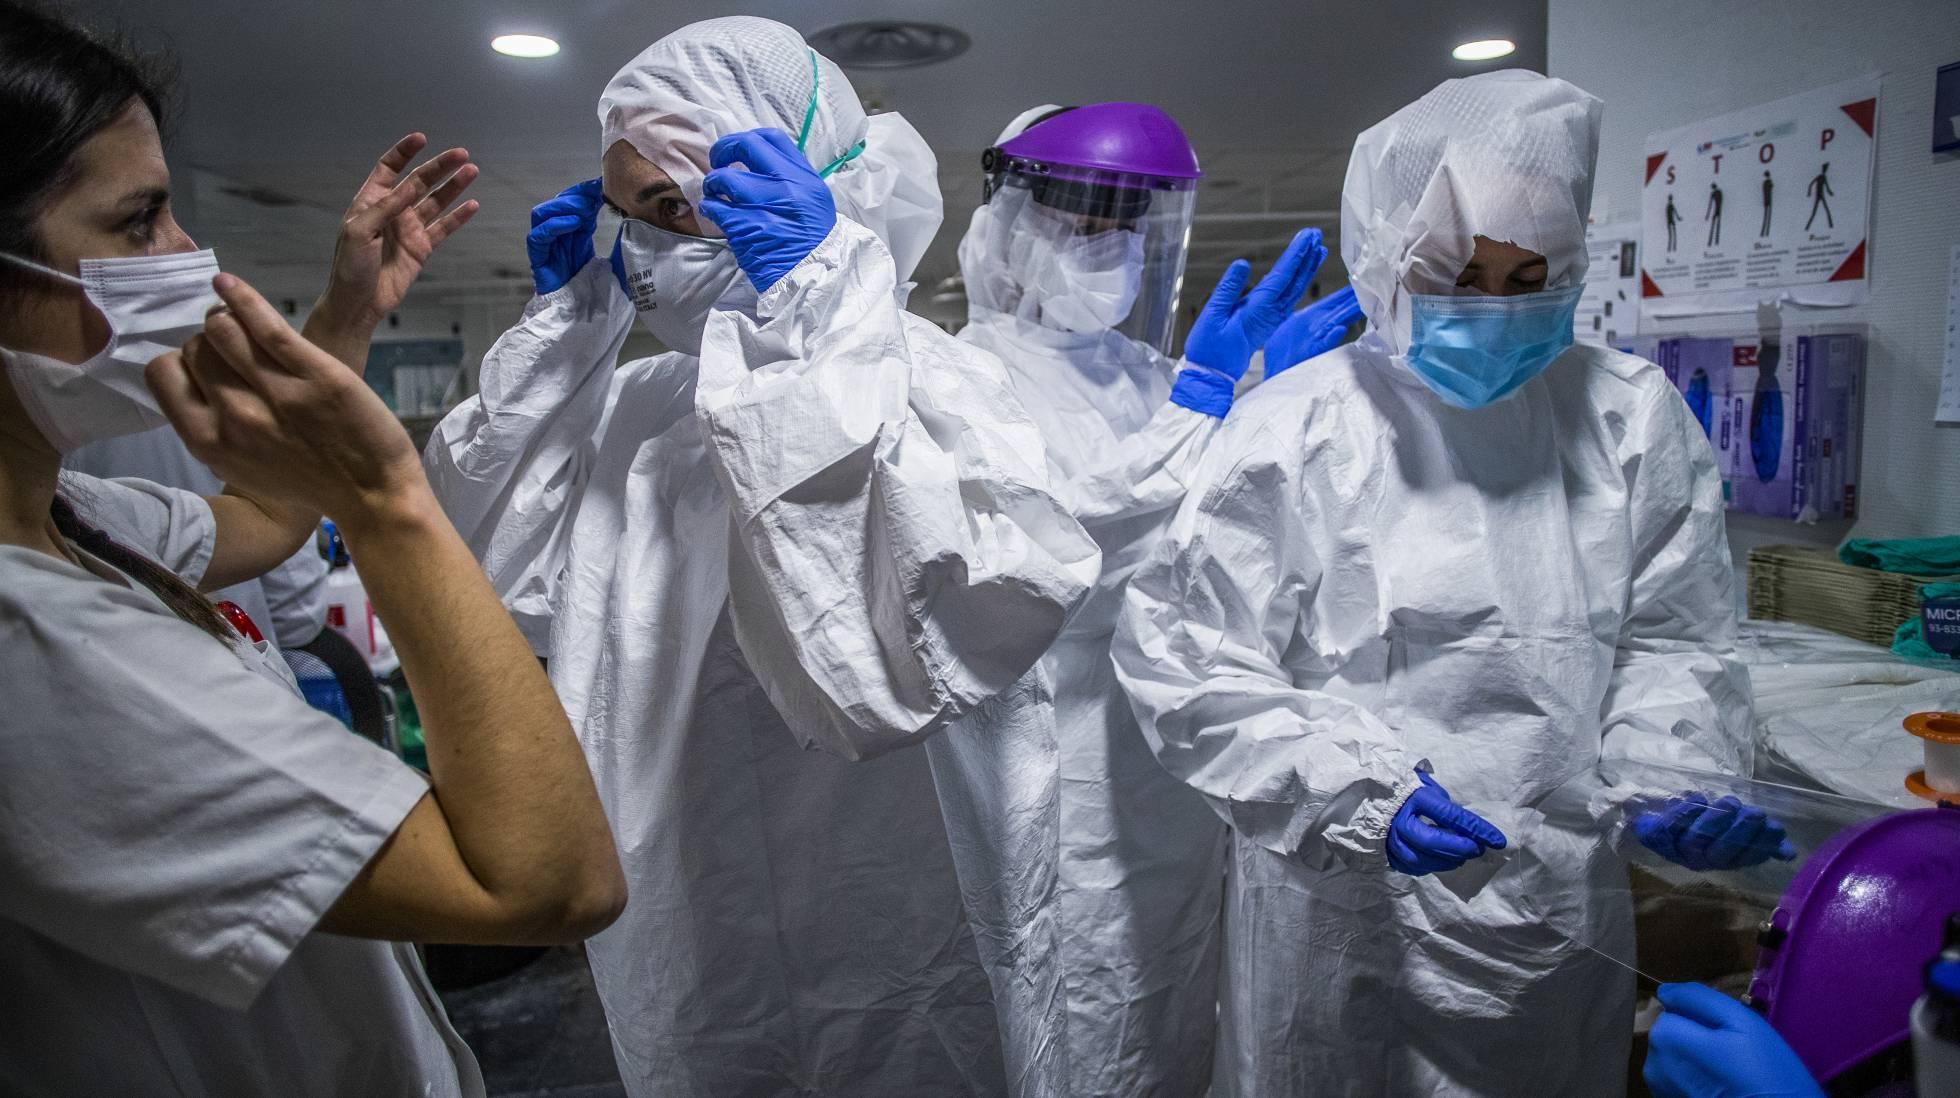 en los centros sanitarios escasean insumos medicos y de bioseguridad